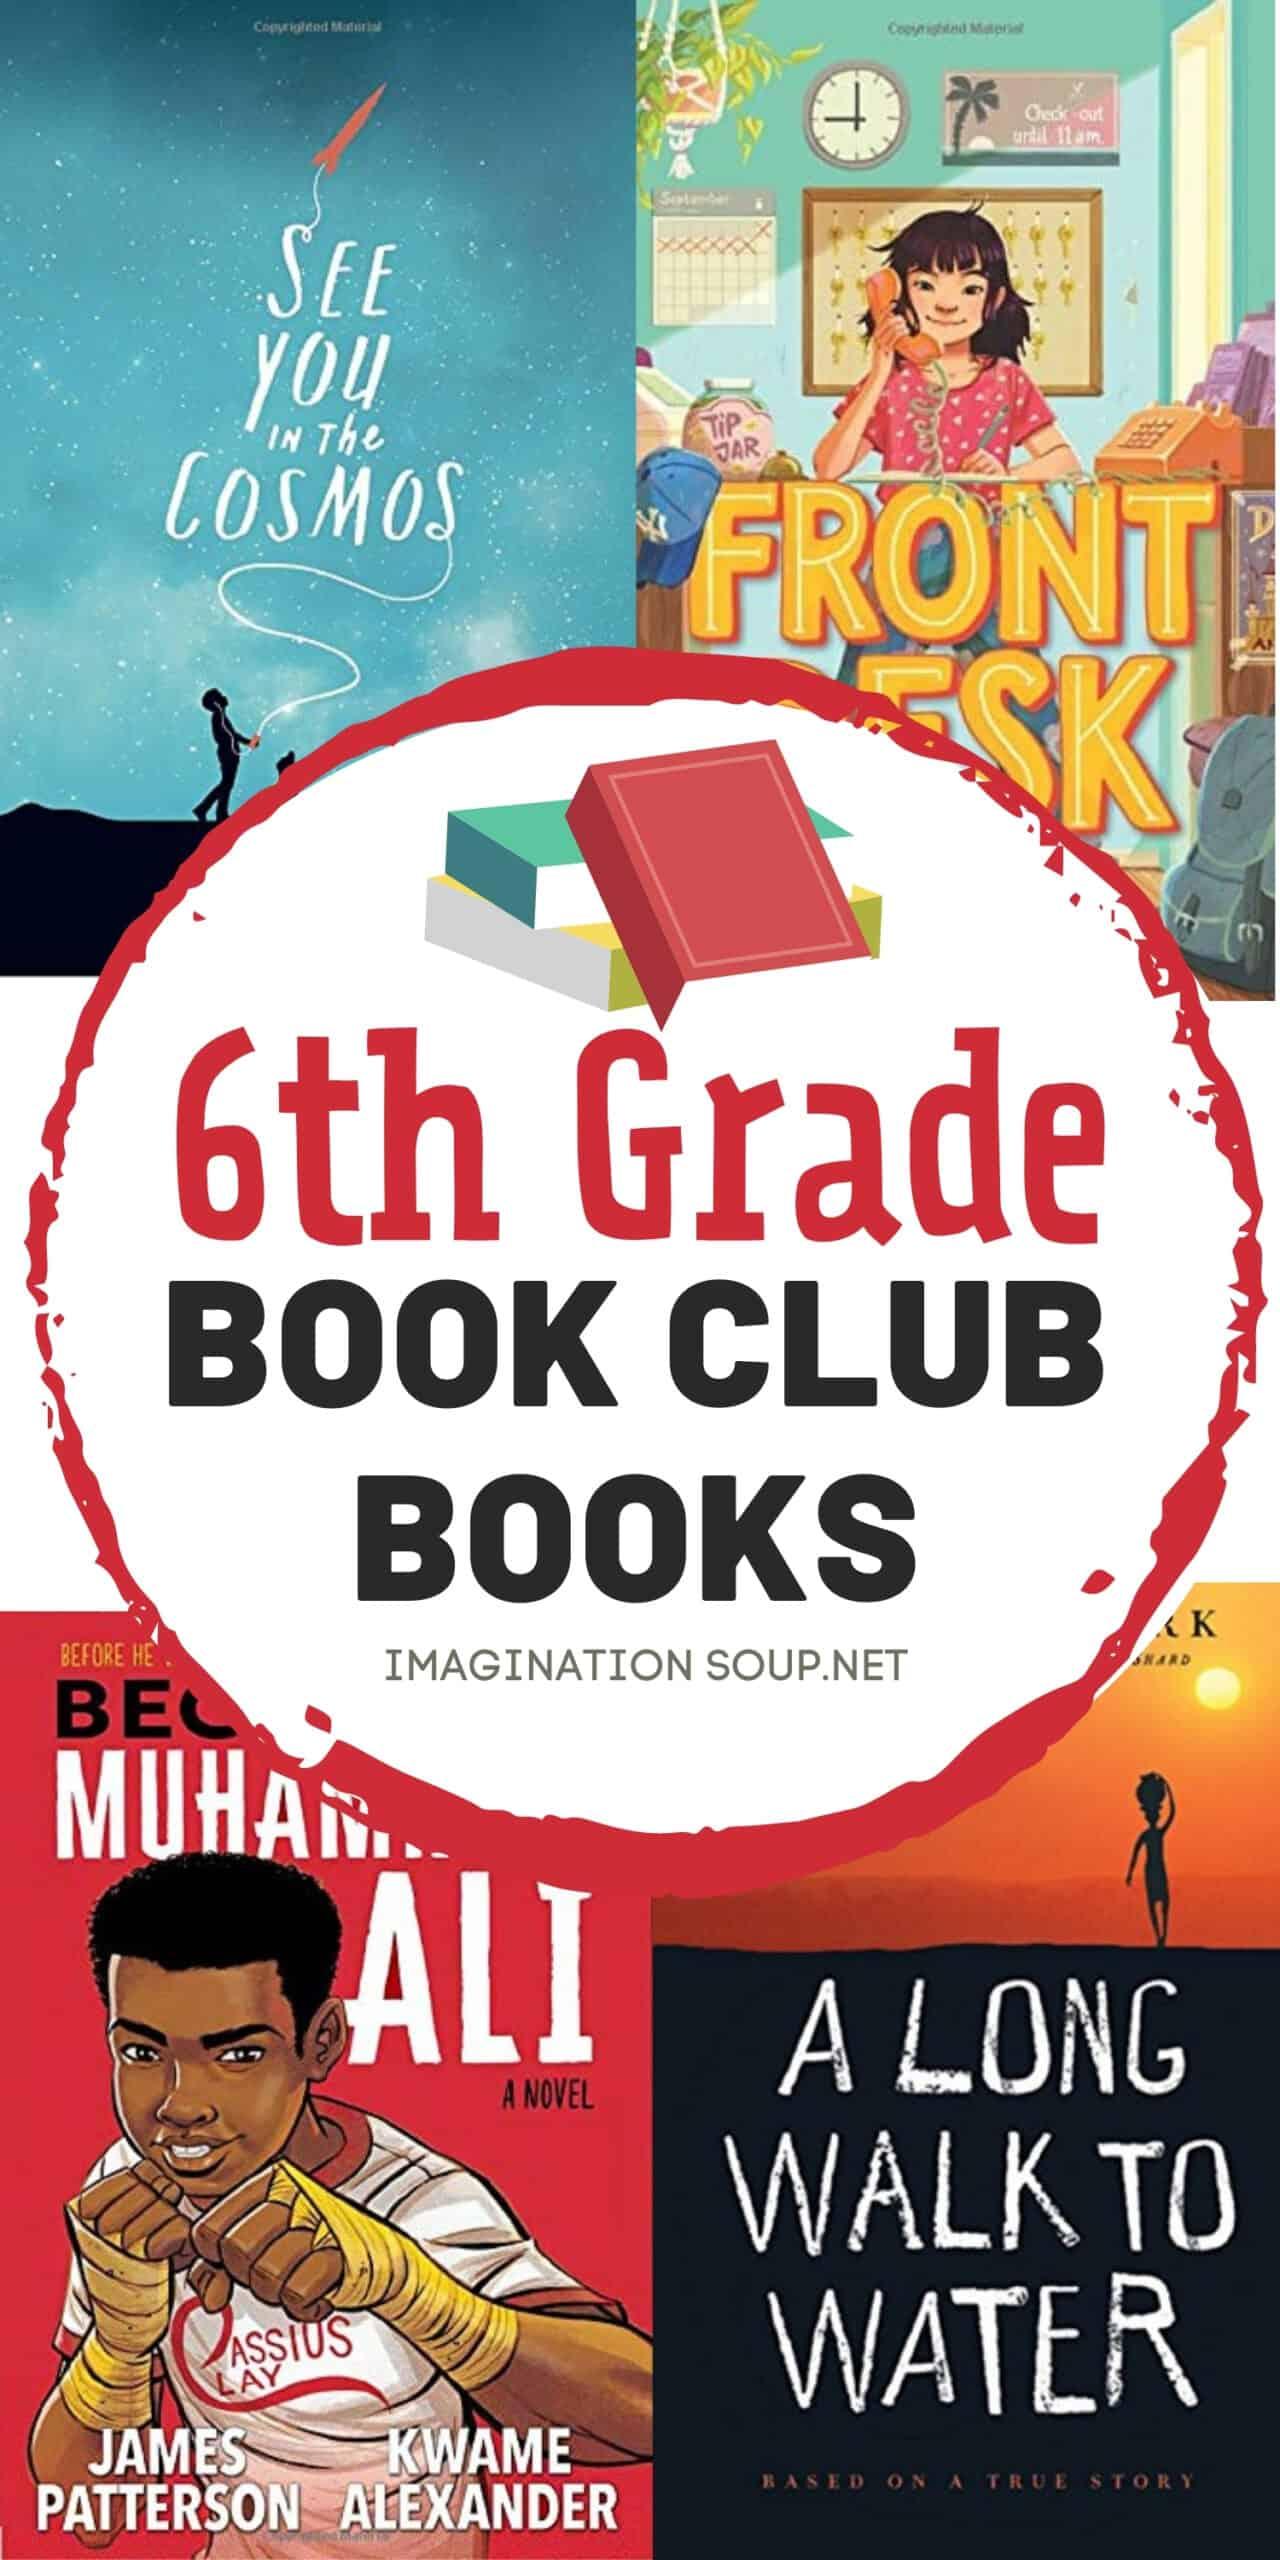 6th grade book club books